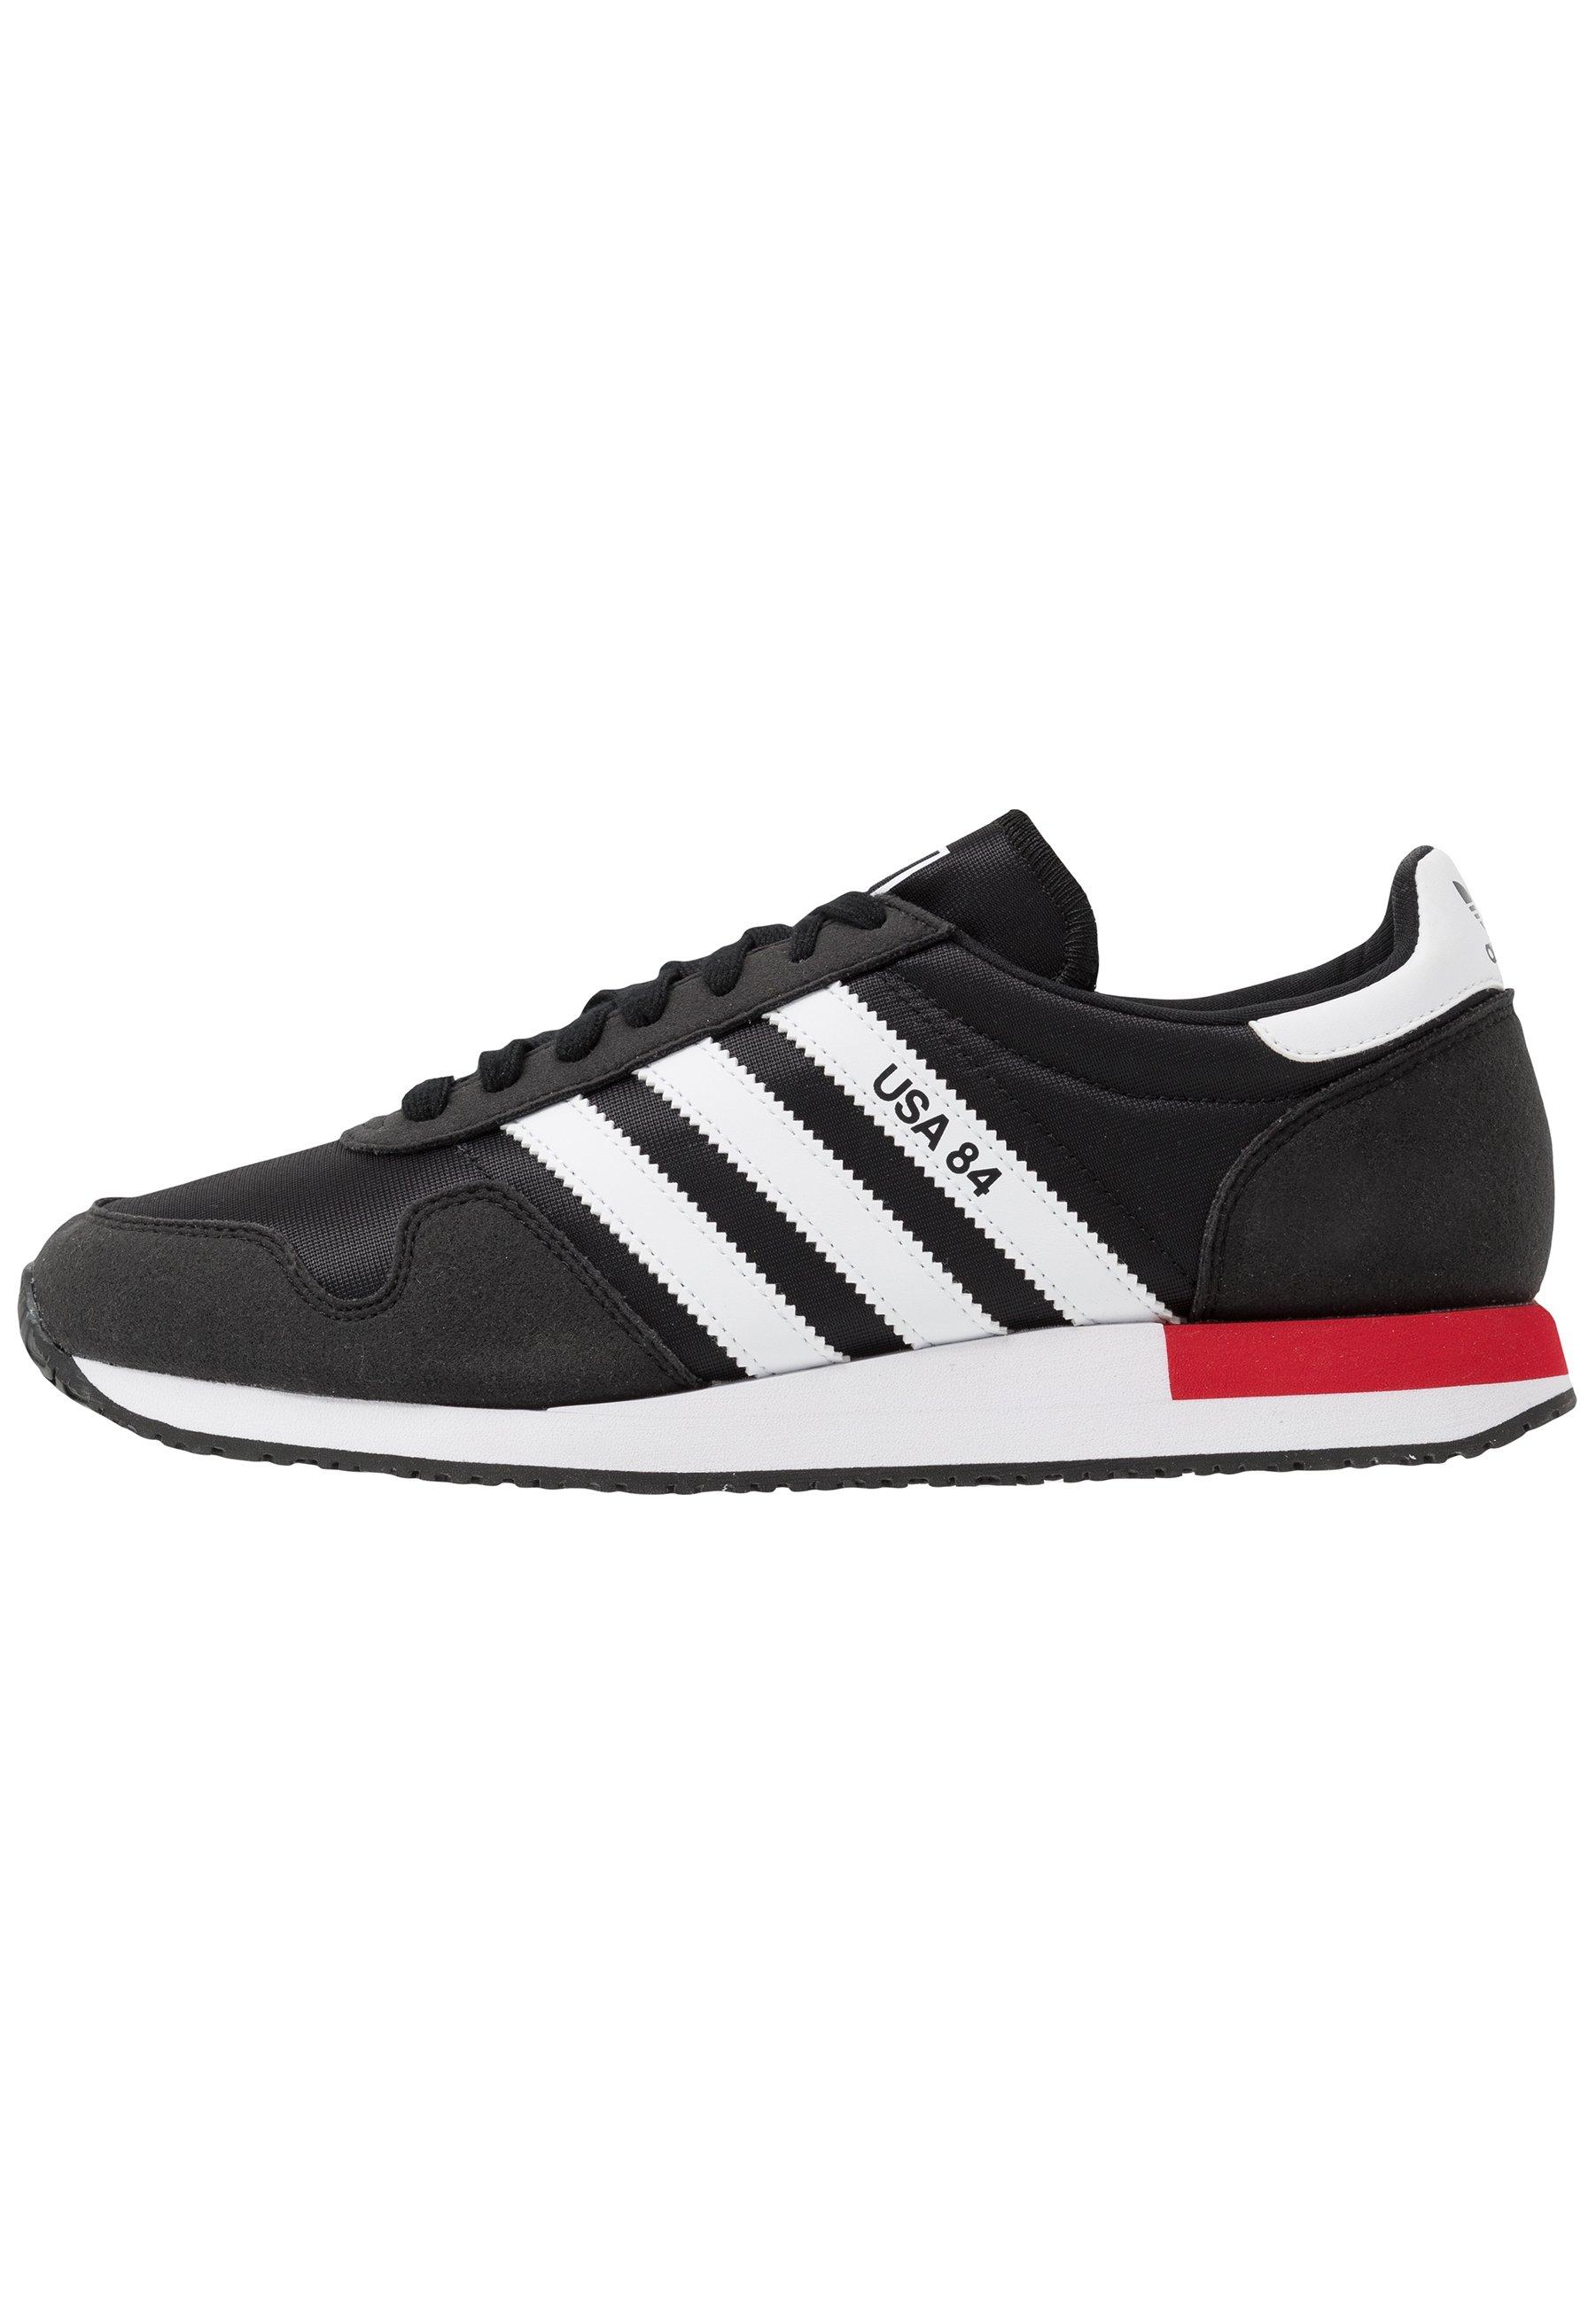 USA 84 Sneakers core blackfootwear whitescarlet